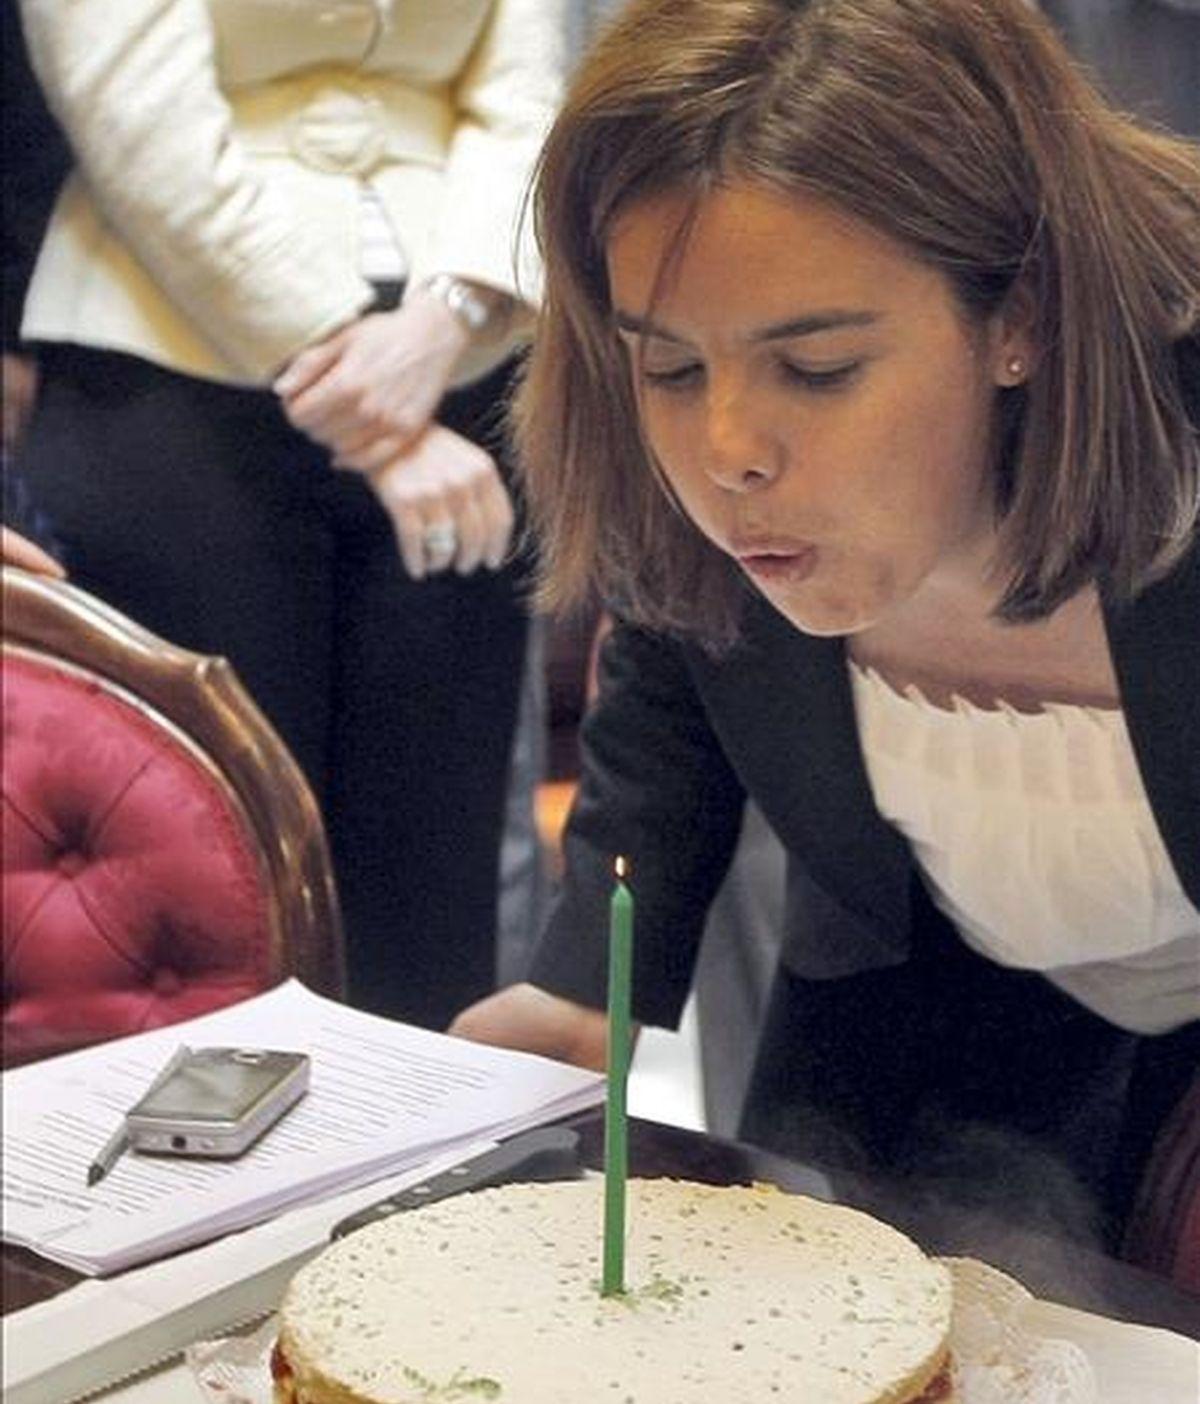 La portavoz parlamentaria popular, Soraya Sáenz de Santamaría, que hoy cumple años, apaga una vela, tras la sesión de control al Ejecutivo del pleno del Congreso de los Diputados celebrado hoy. EFE